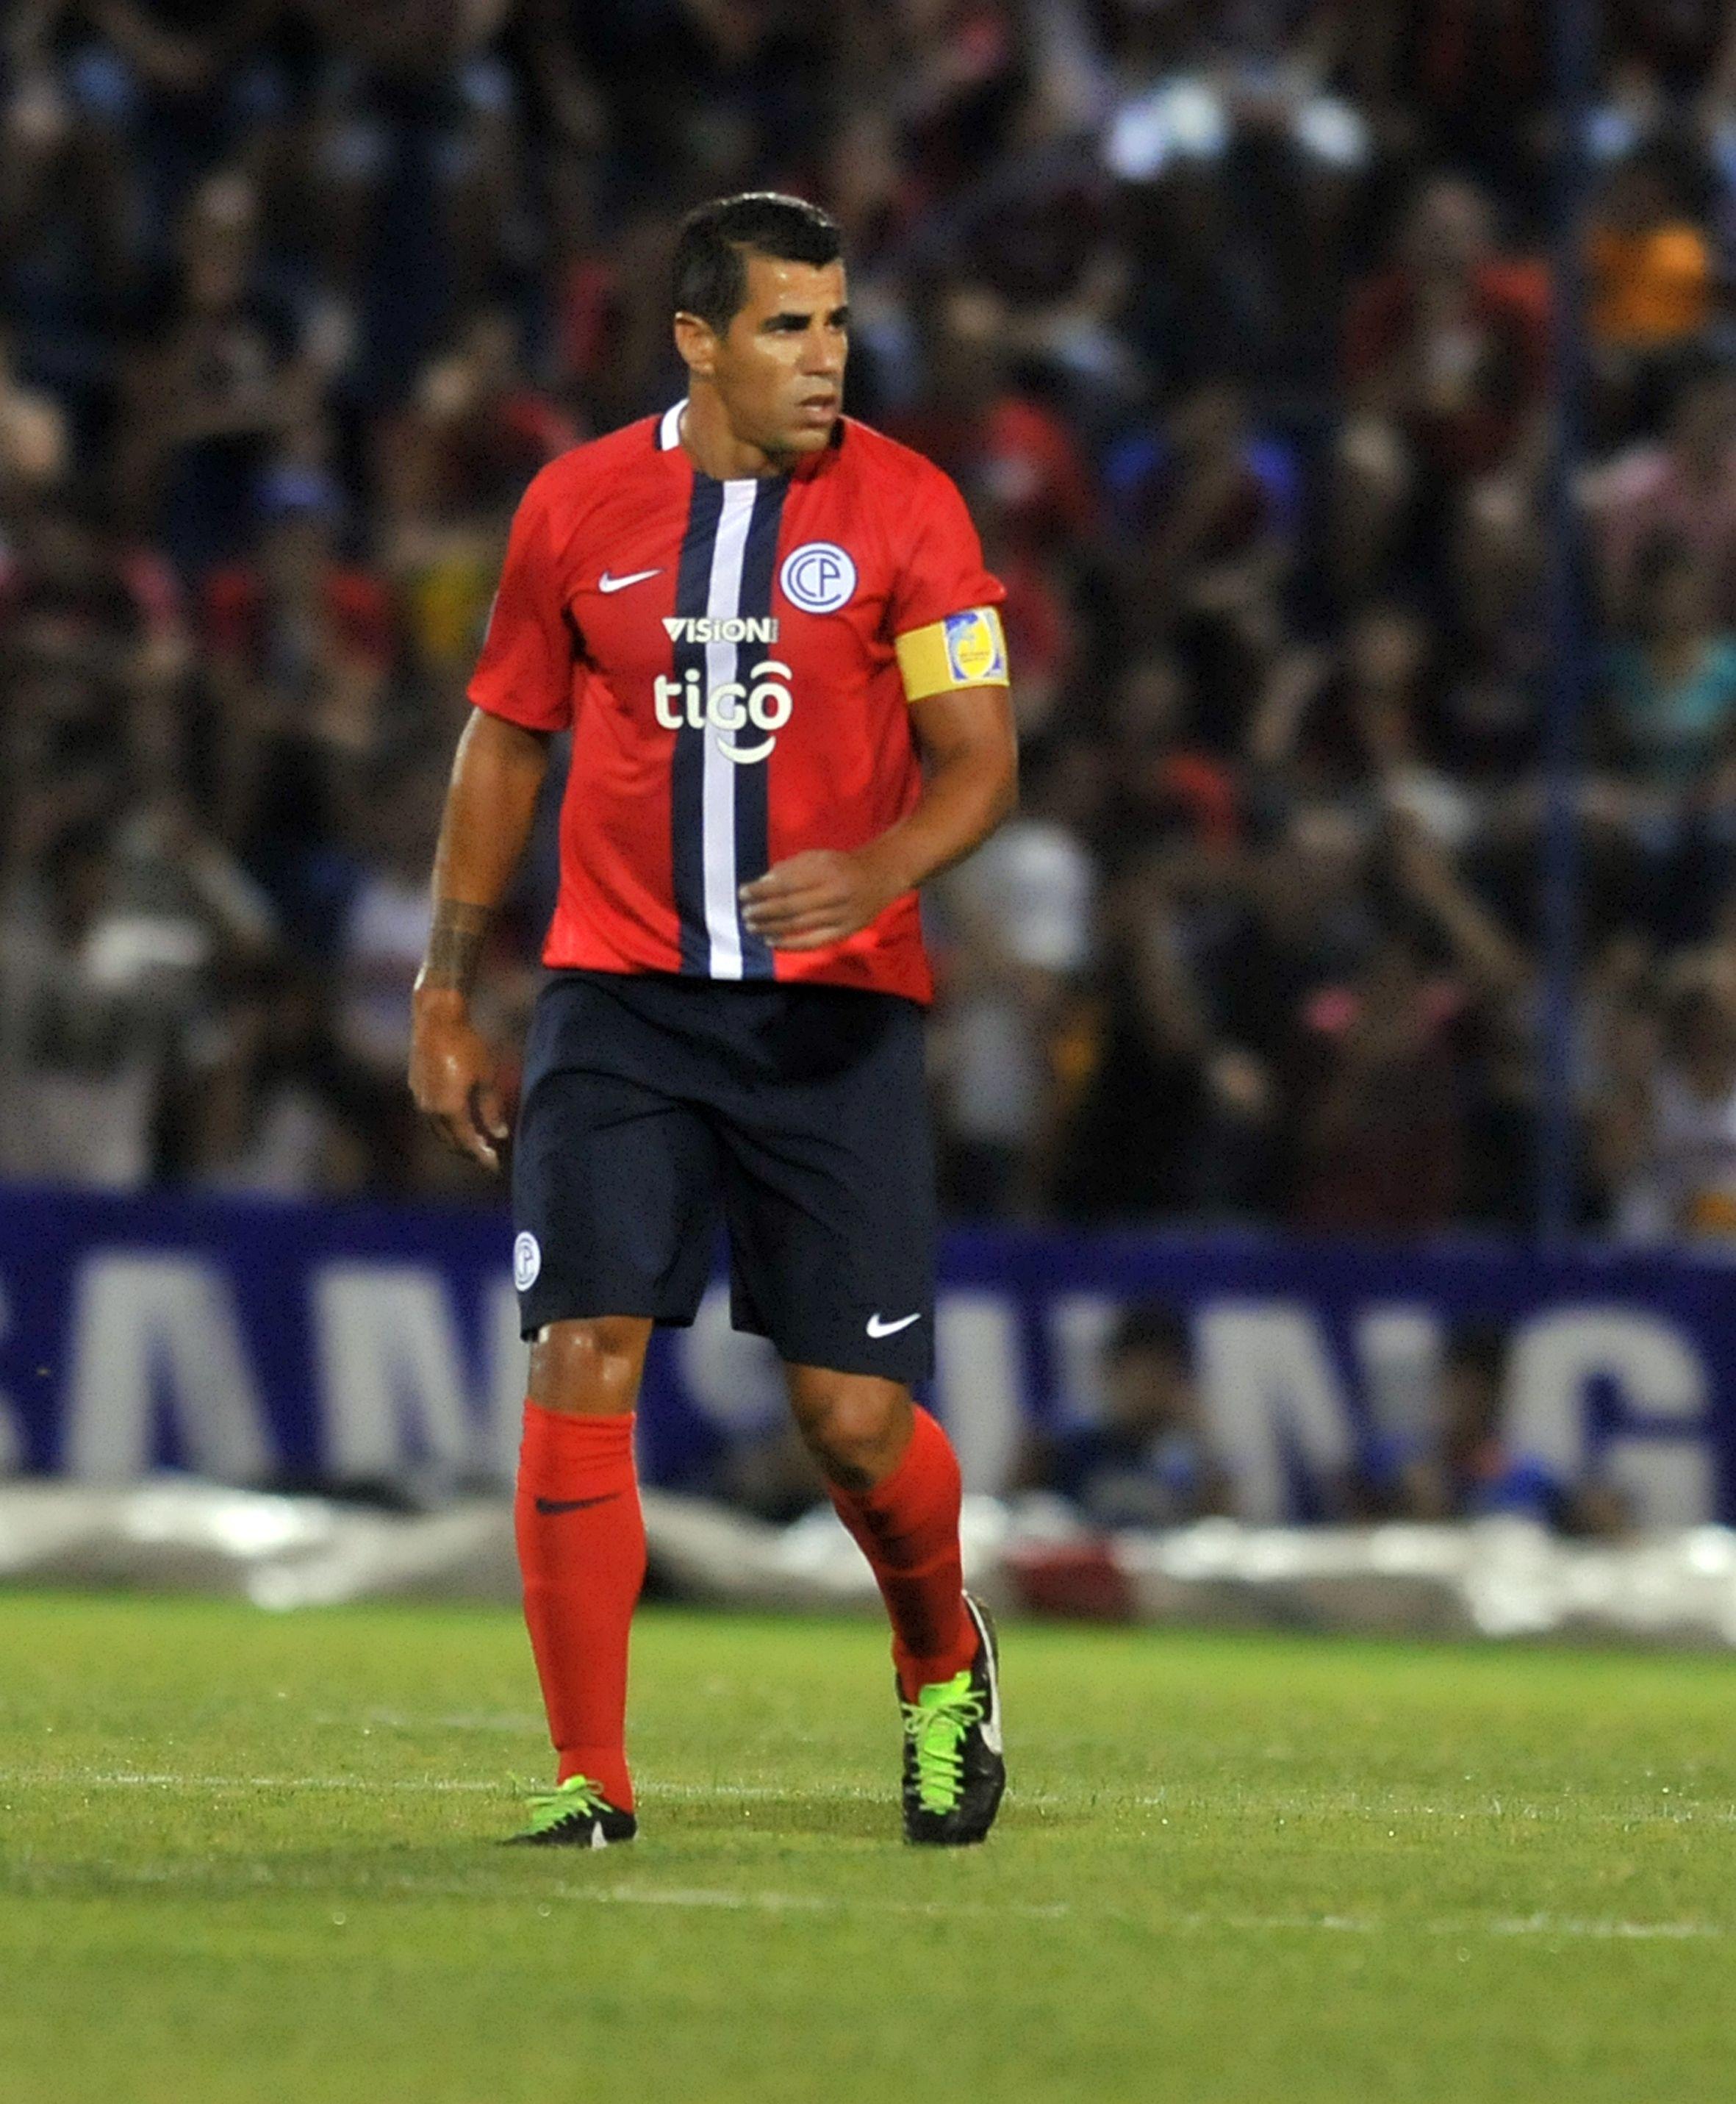 Los Jugadores Que Podrían Salir Del Psg: Carlos Bonet Se Suma A La Lista De Salientes En Cerro Porteño